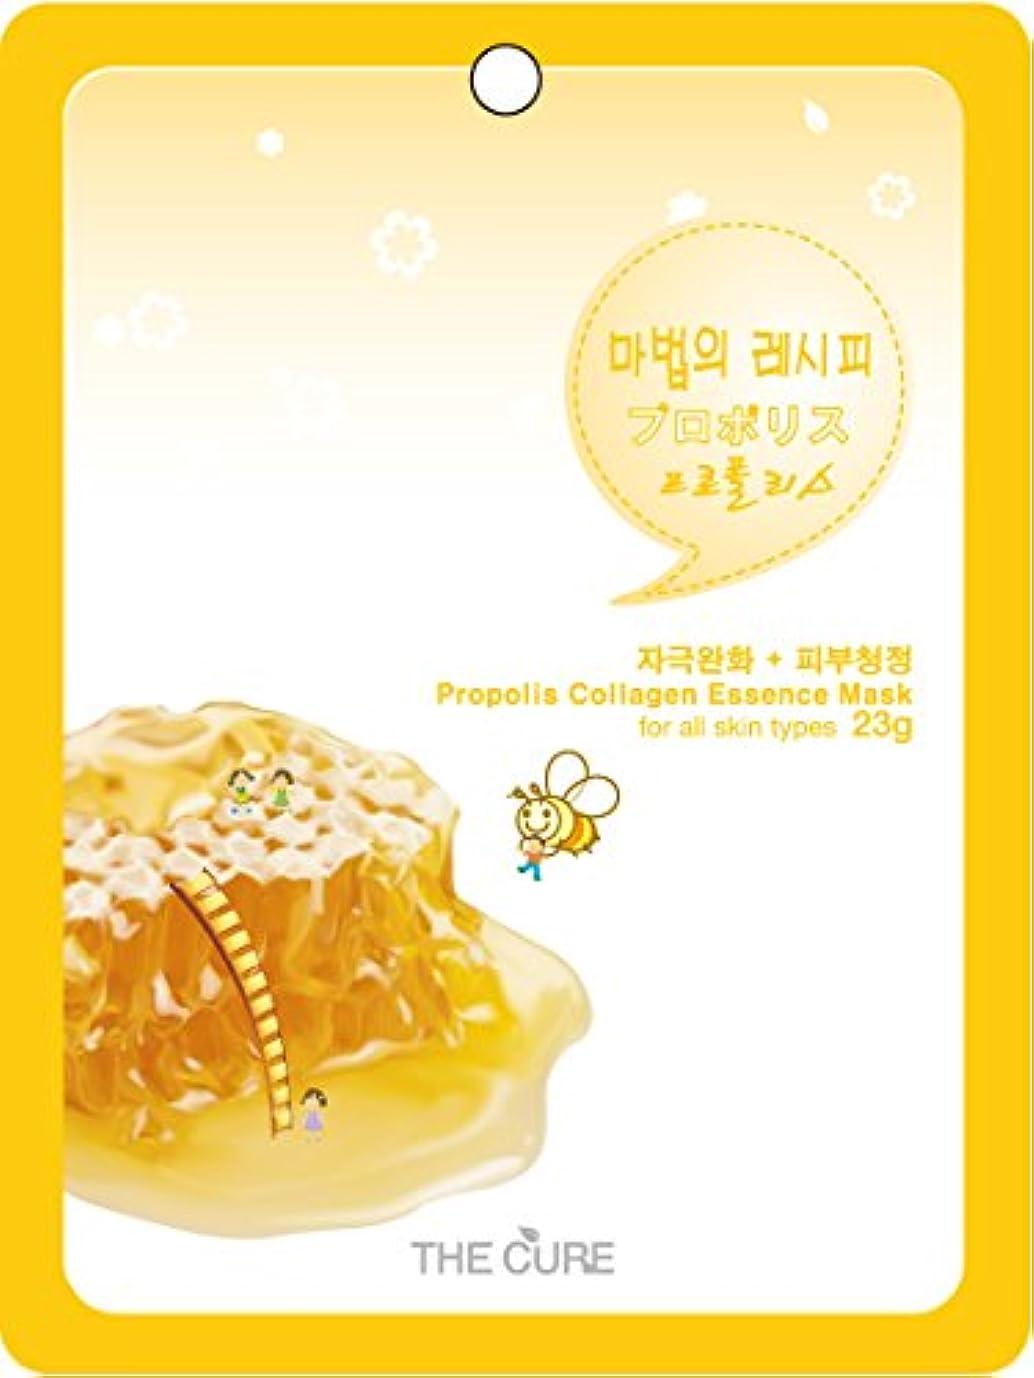 帰る香水立方体プロポリス コラーゲン エッセンス マスク THE CURE シート パック 100枚セット 韓国 コスメ 乾燥肌 オイリー肌 混合肌